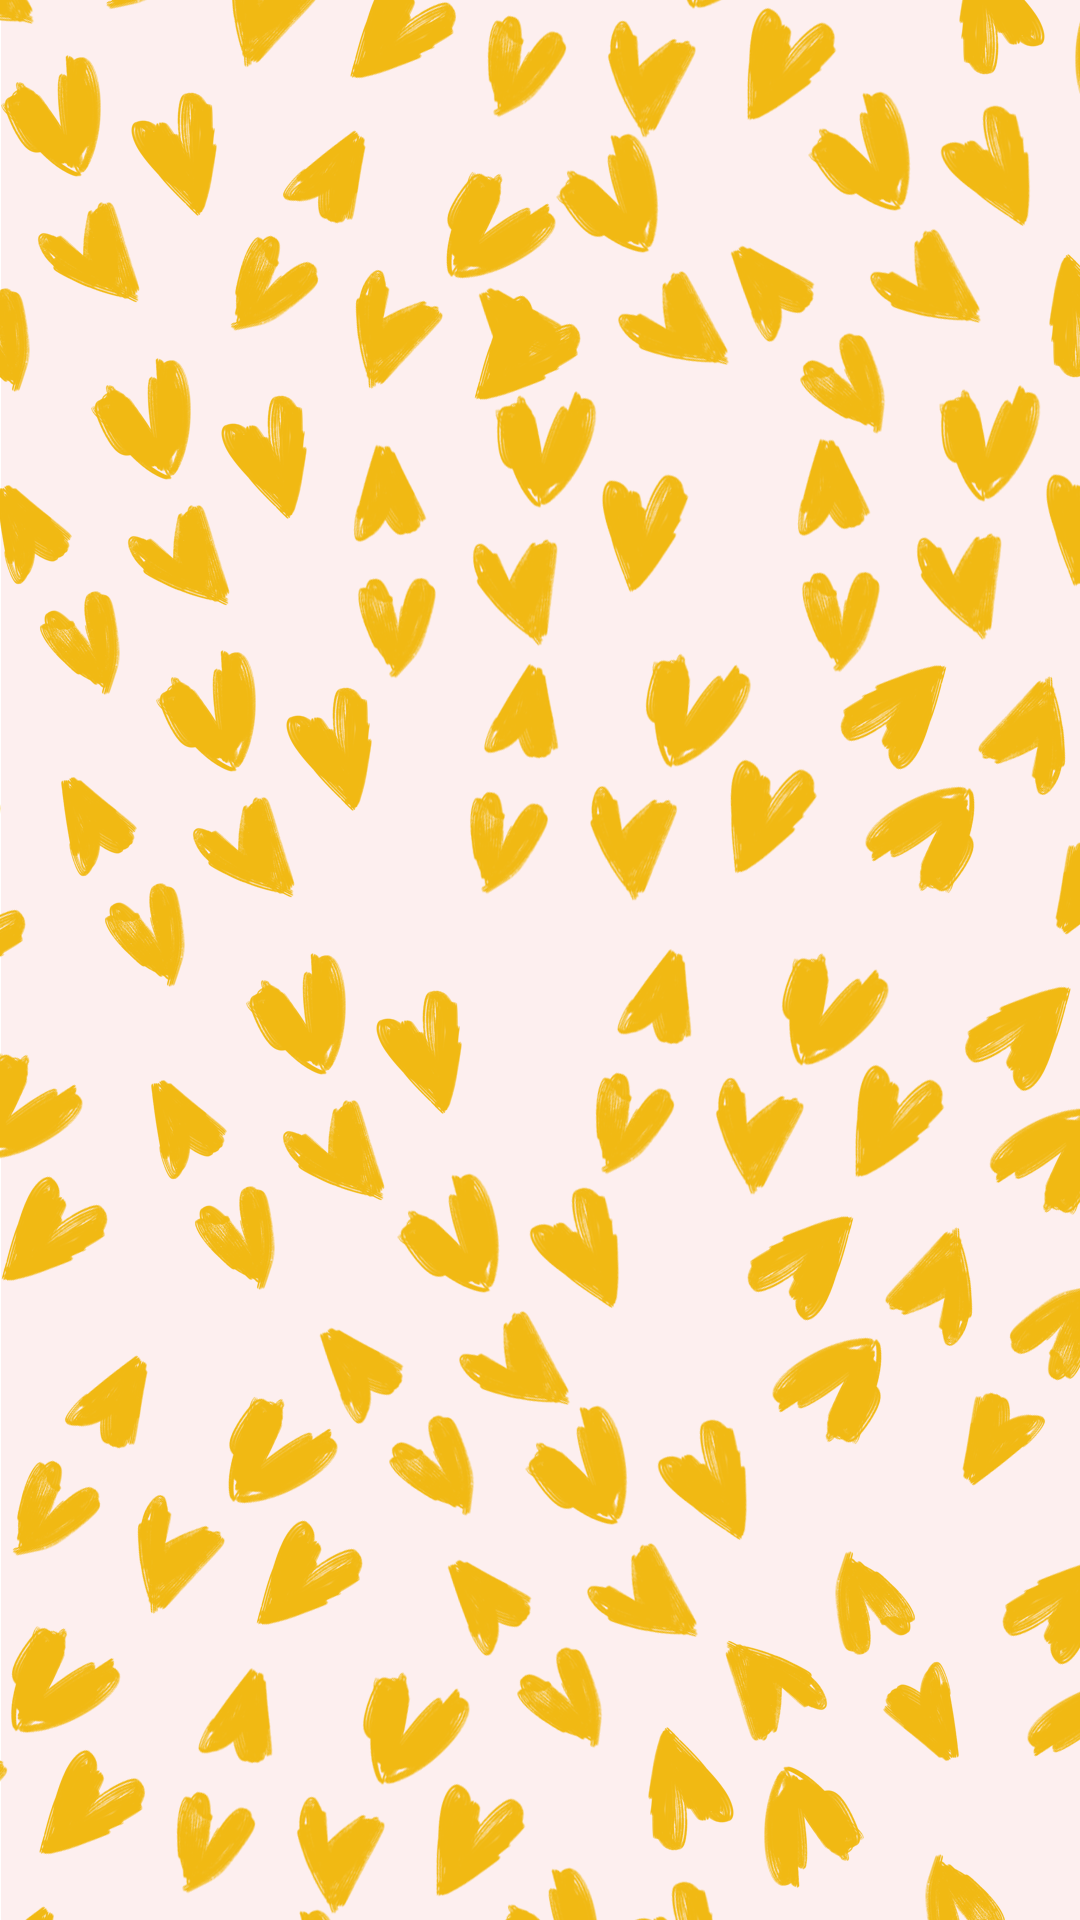 Self Love Wallpapers   Fondos   Fondos, Fondos de pantalla creativos, Fondos de pantalla wallpaper